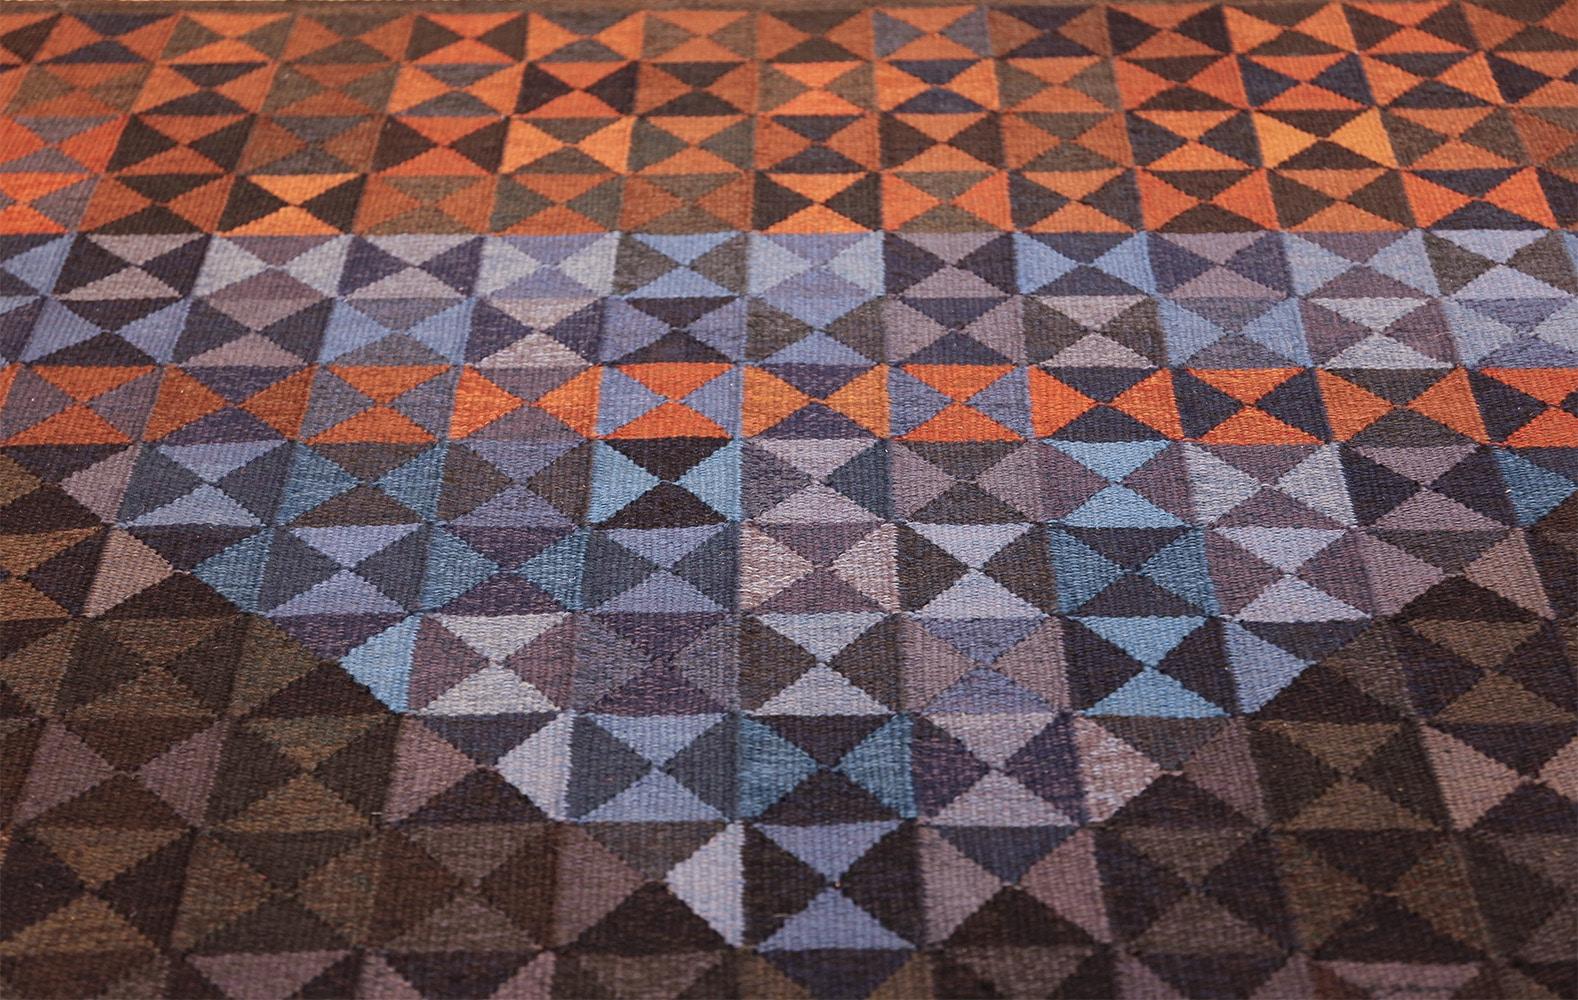 geometric vintage scandinavian rug by kristianstad lans hemslöjd 49587 top Nazmiyal